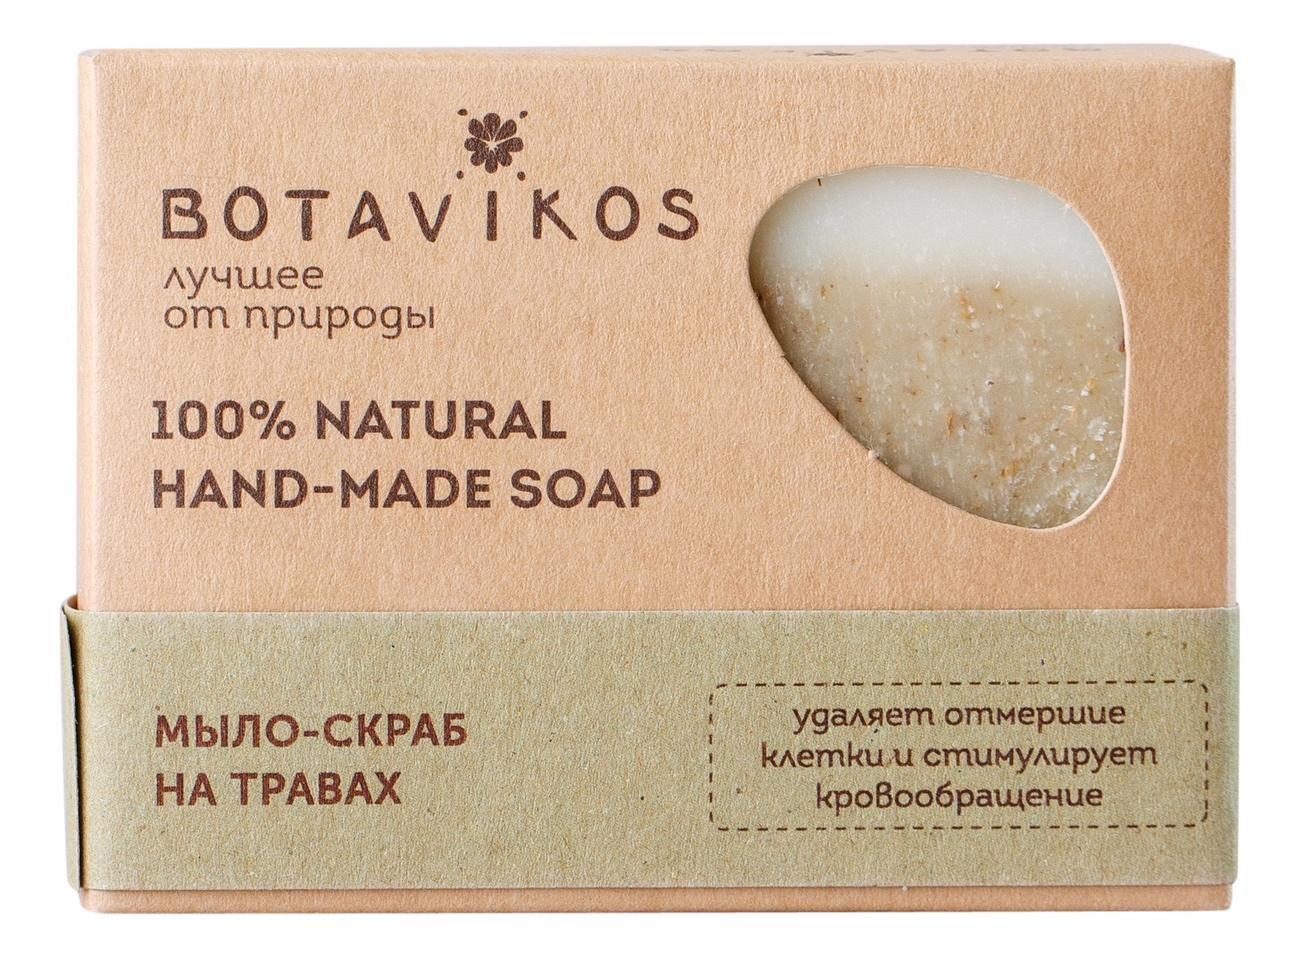 Натуральное мыло-скраб ручной работы 100% Natural Hand-Made Soap 100г (травы)